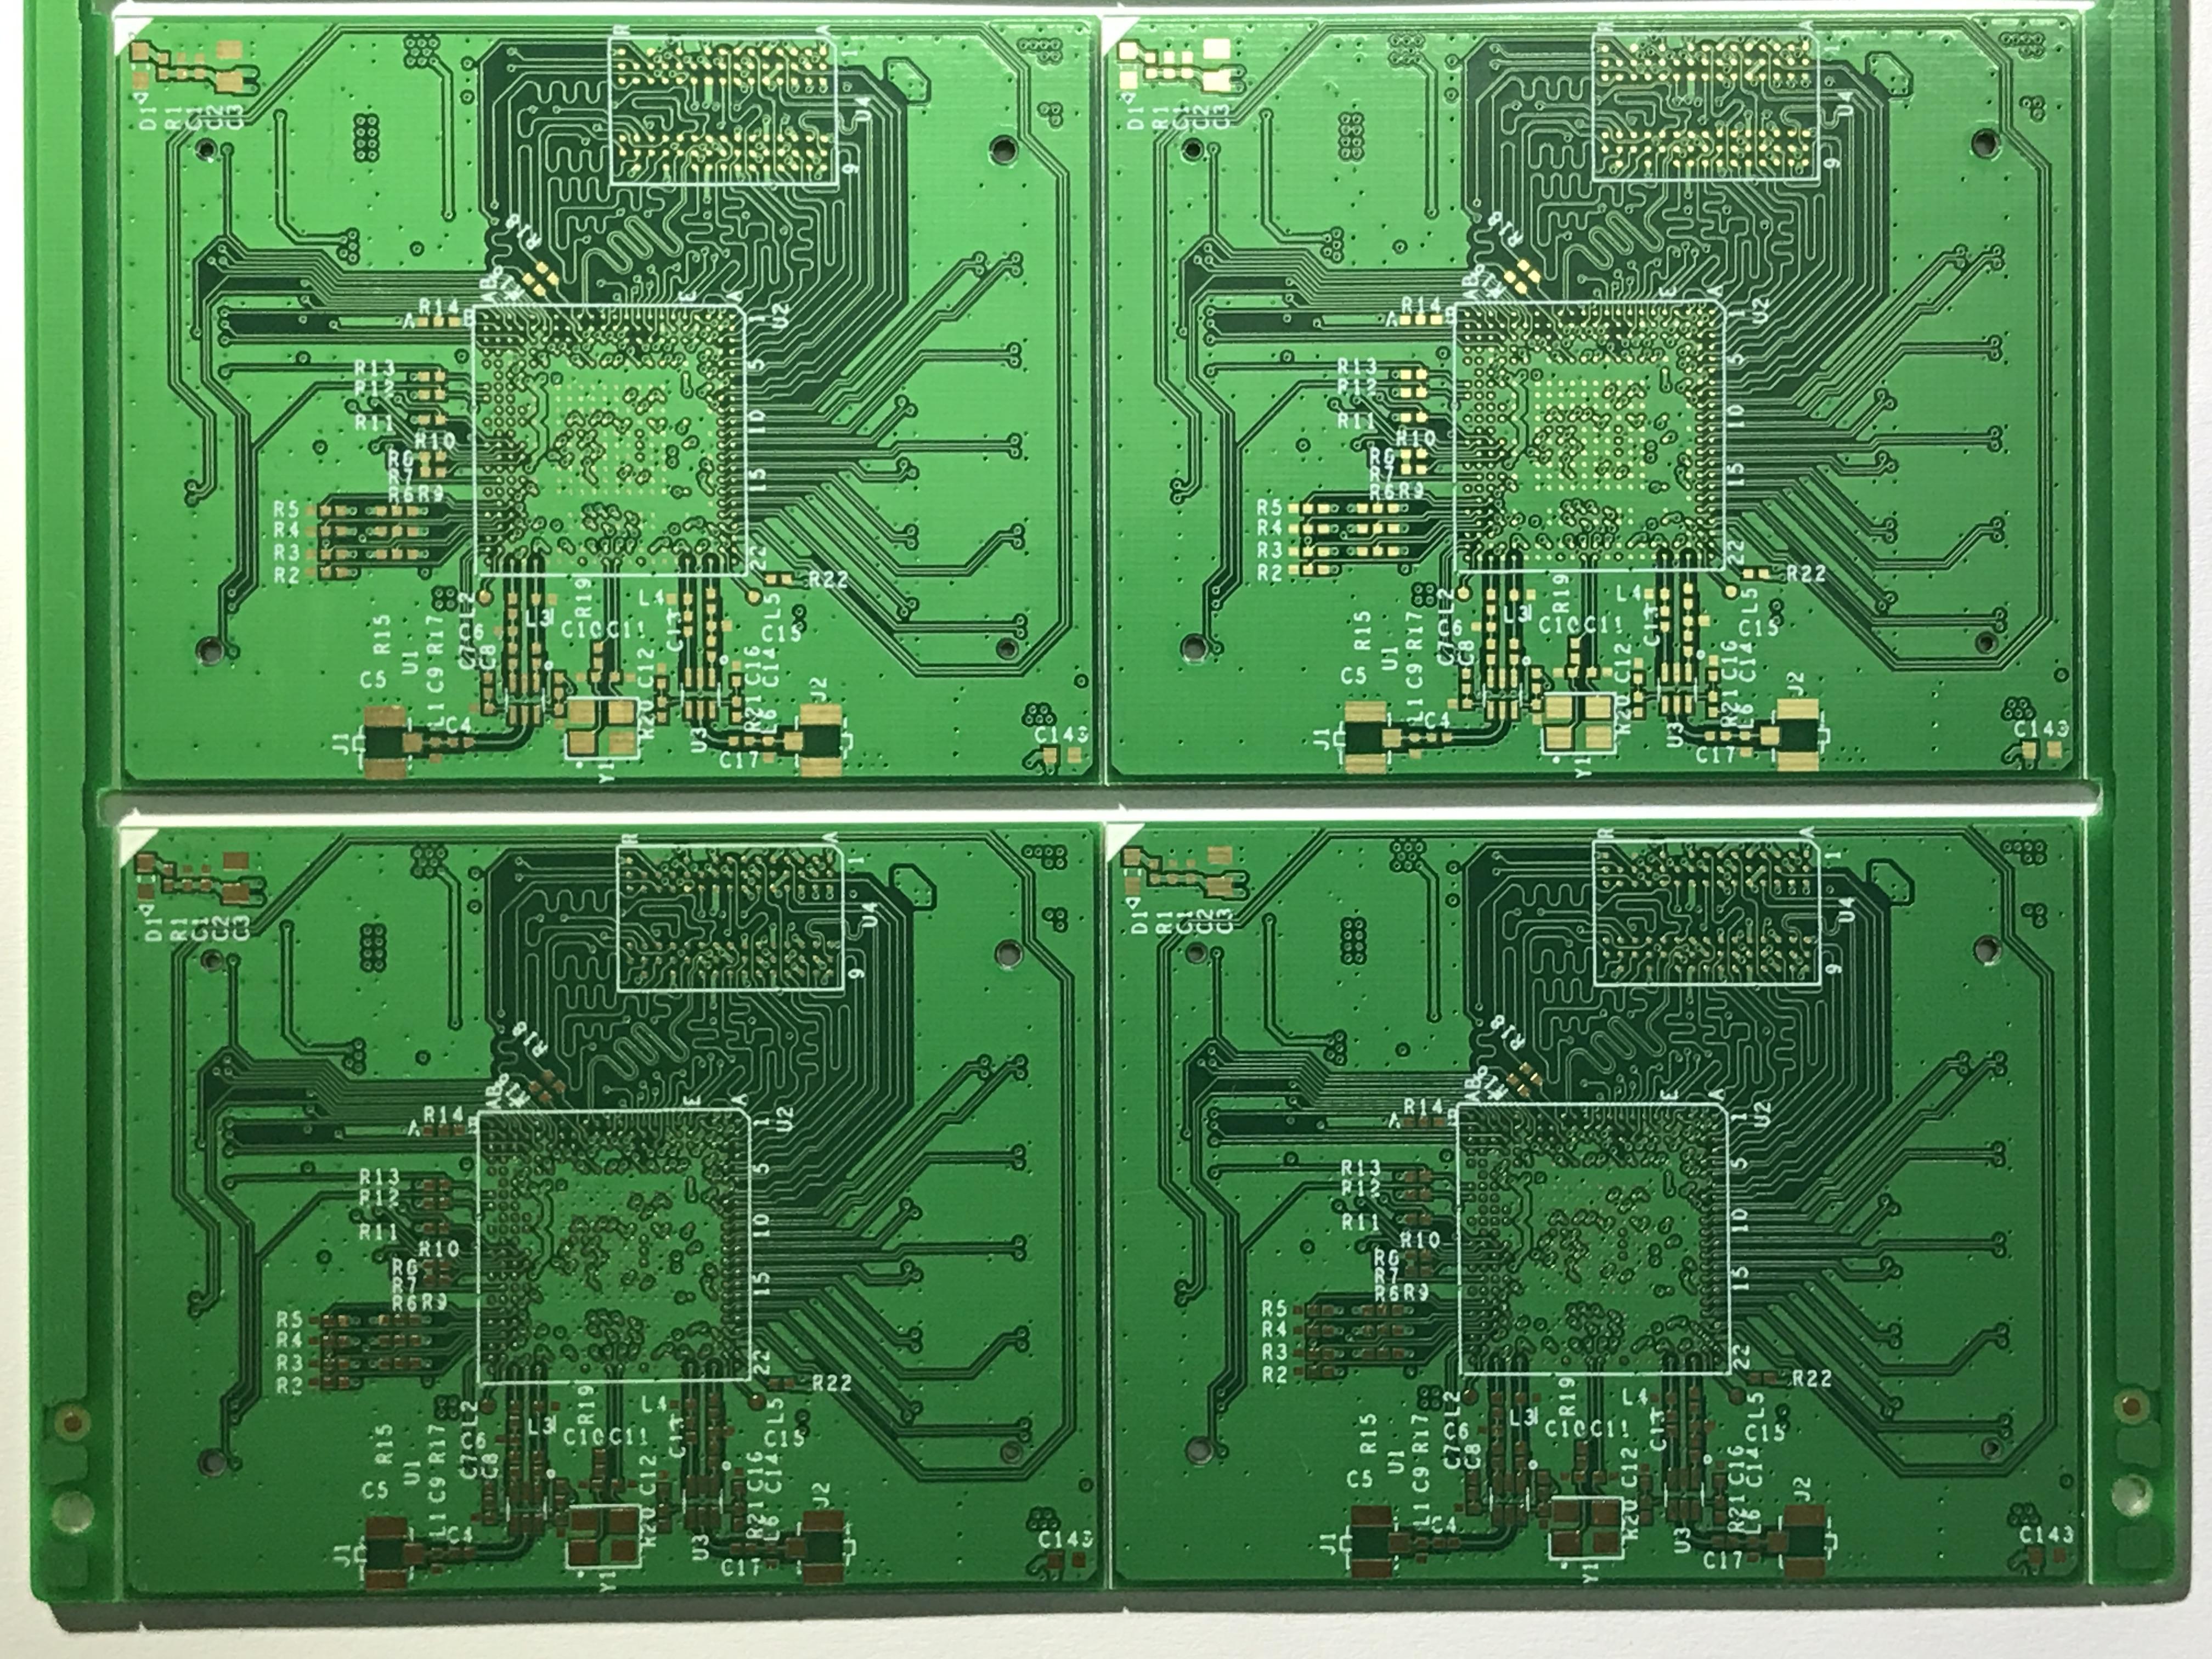 电路板特性阻抗的控制,其走线可形成易控制和可预测的传输线结构叫做